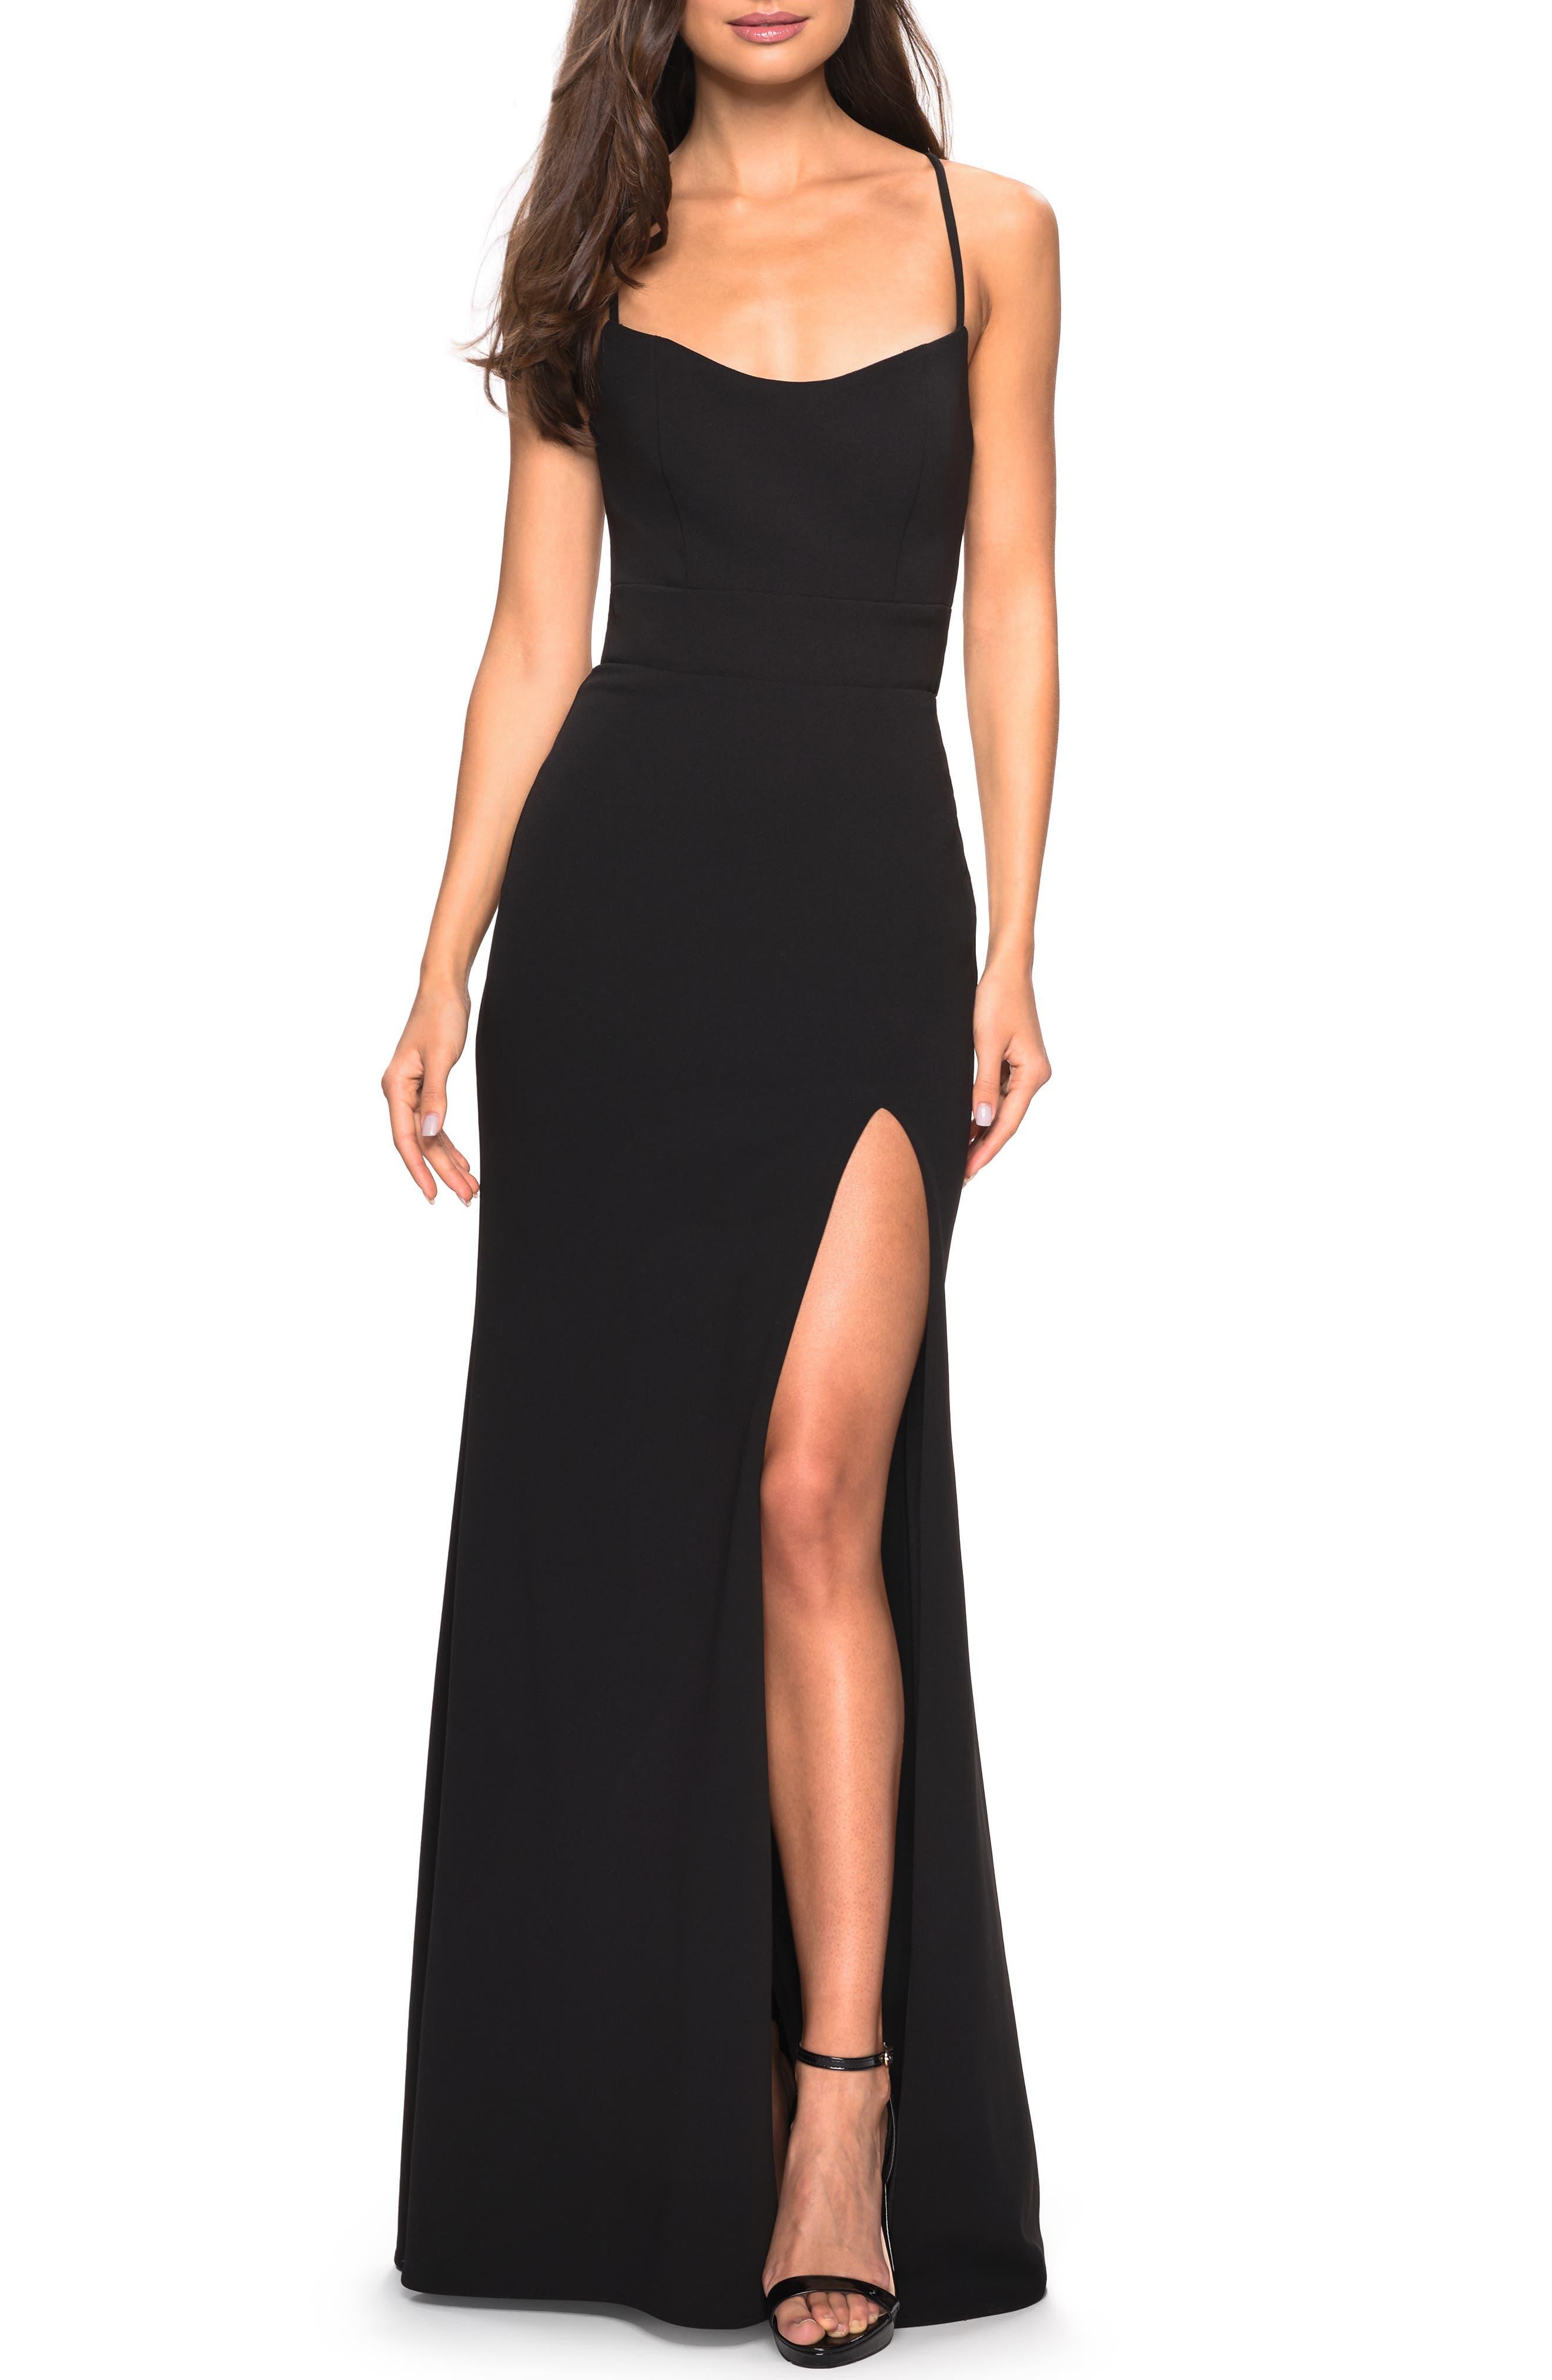 La Femme Sweetheart Neck Jersey Evening Dress, Black